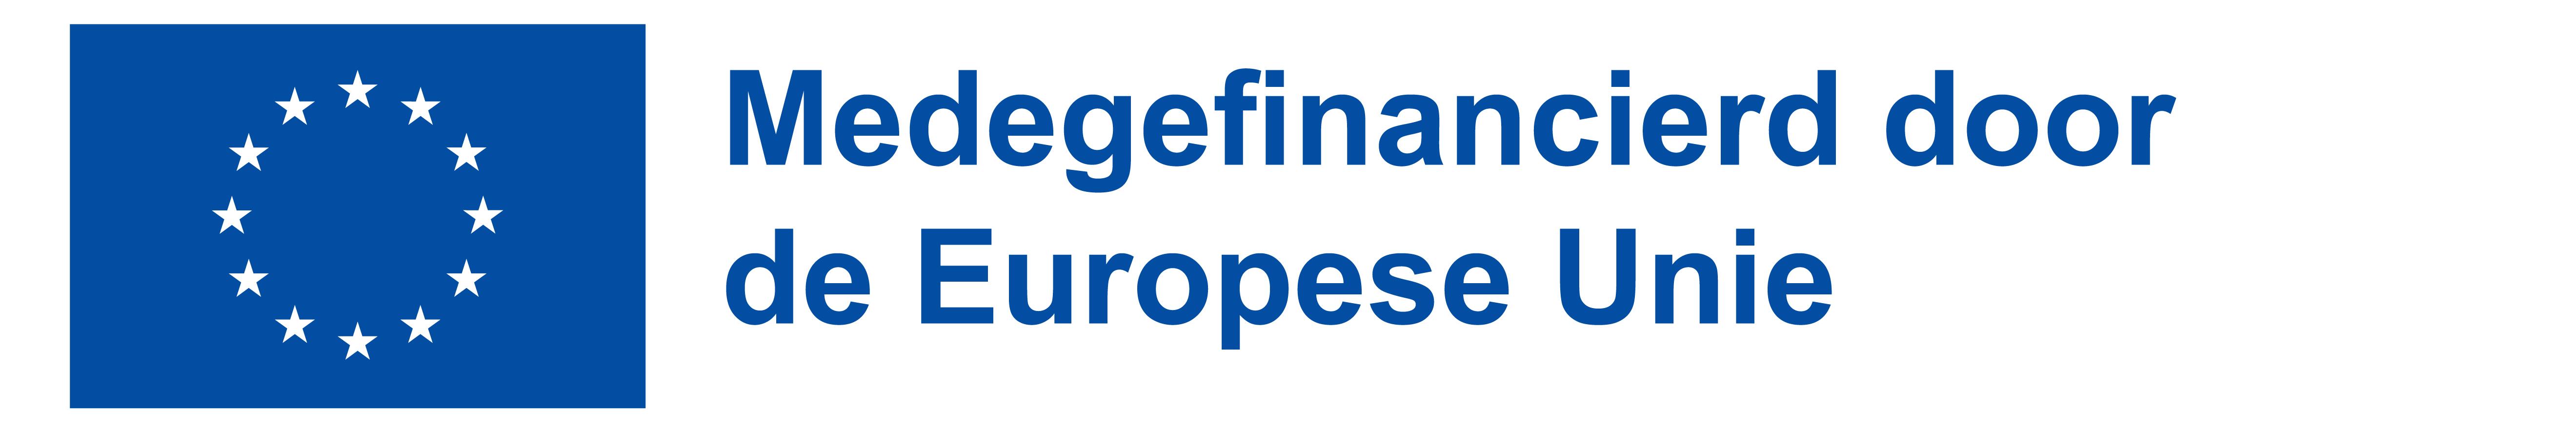 Medegefinancierd door de Europese Unie